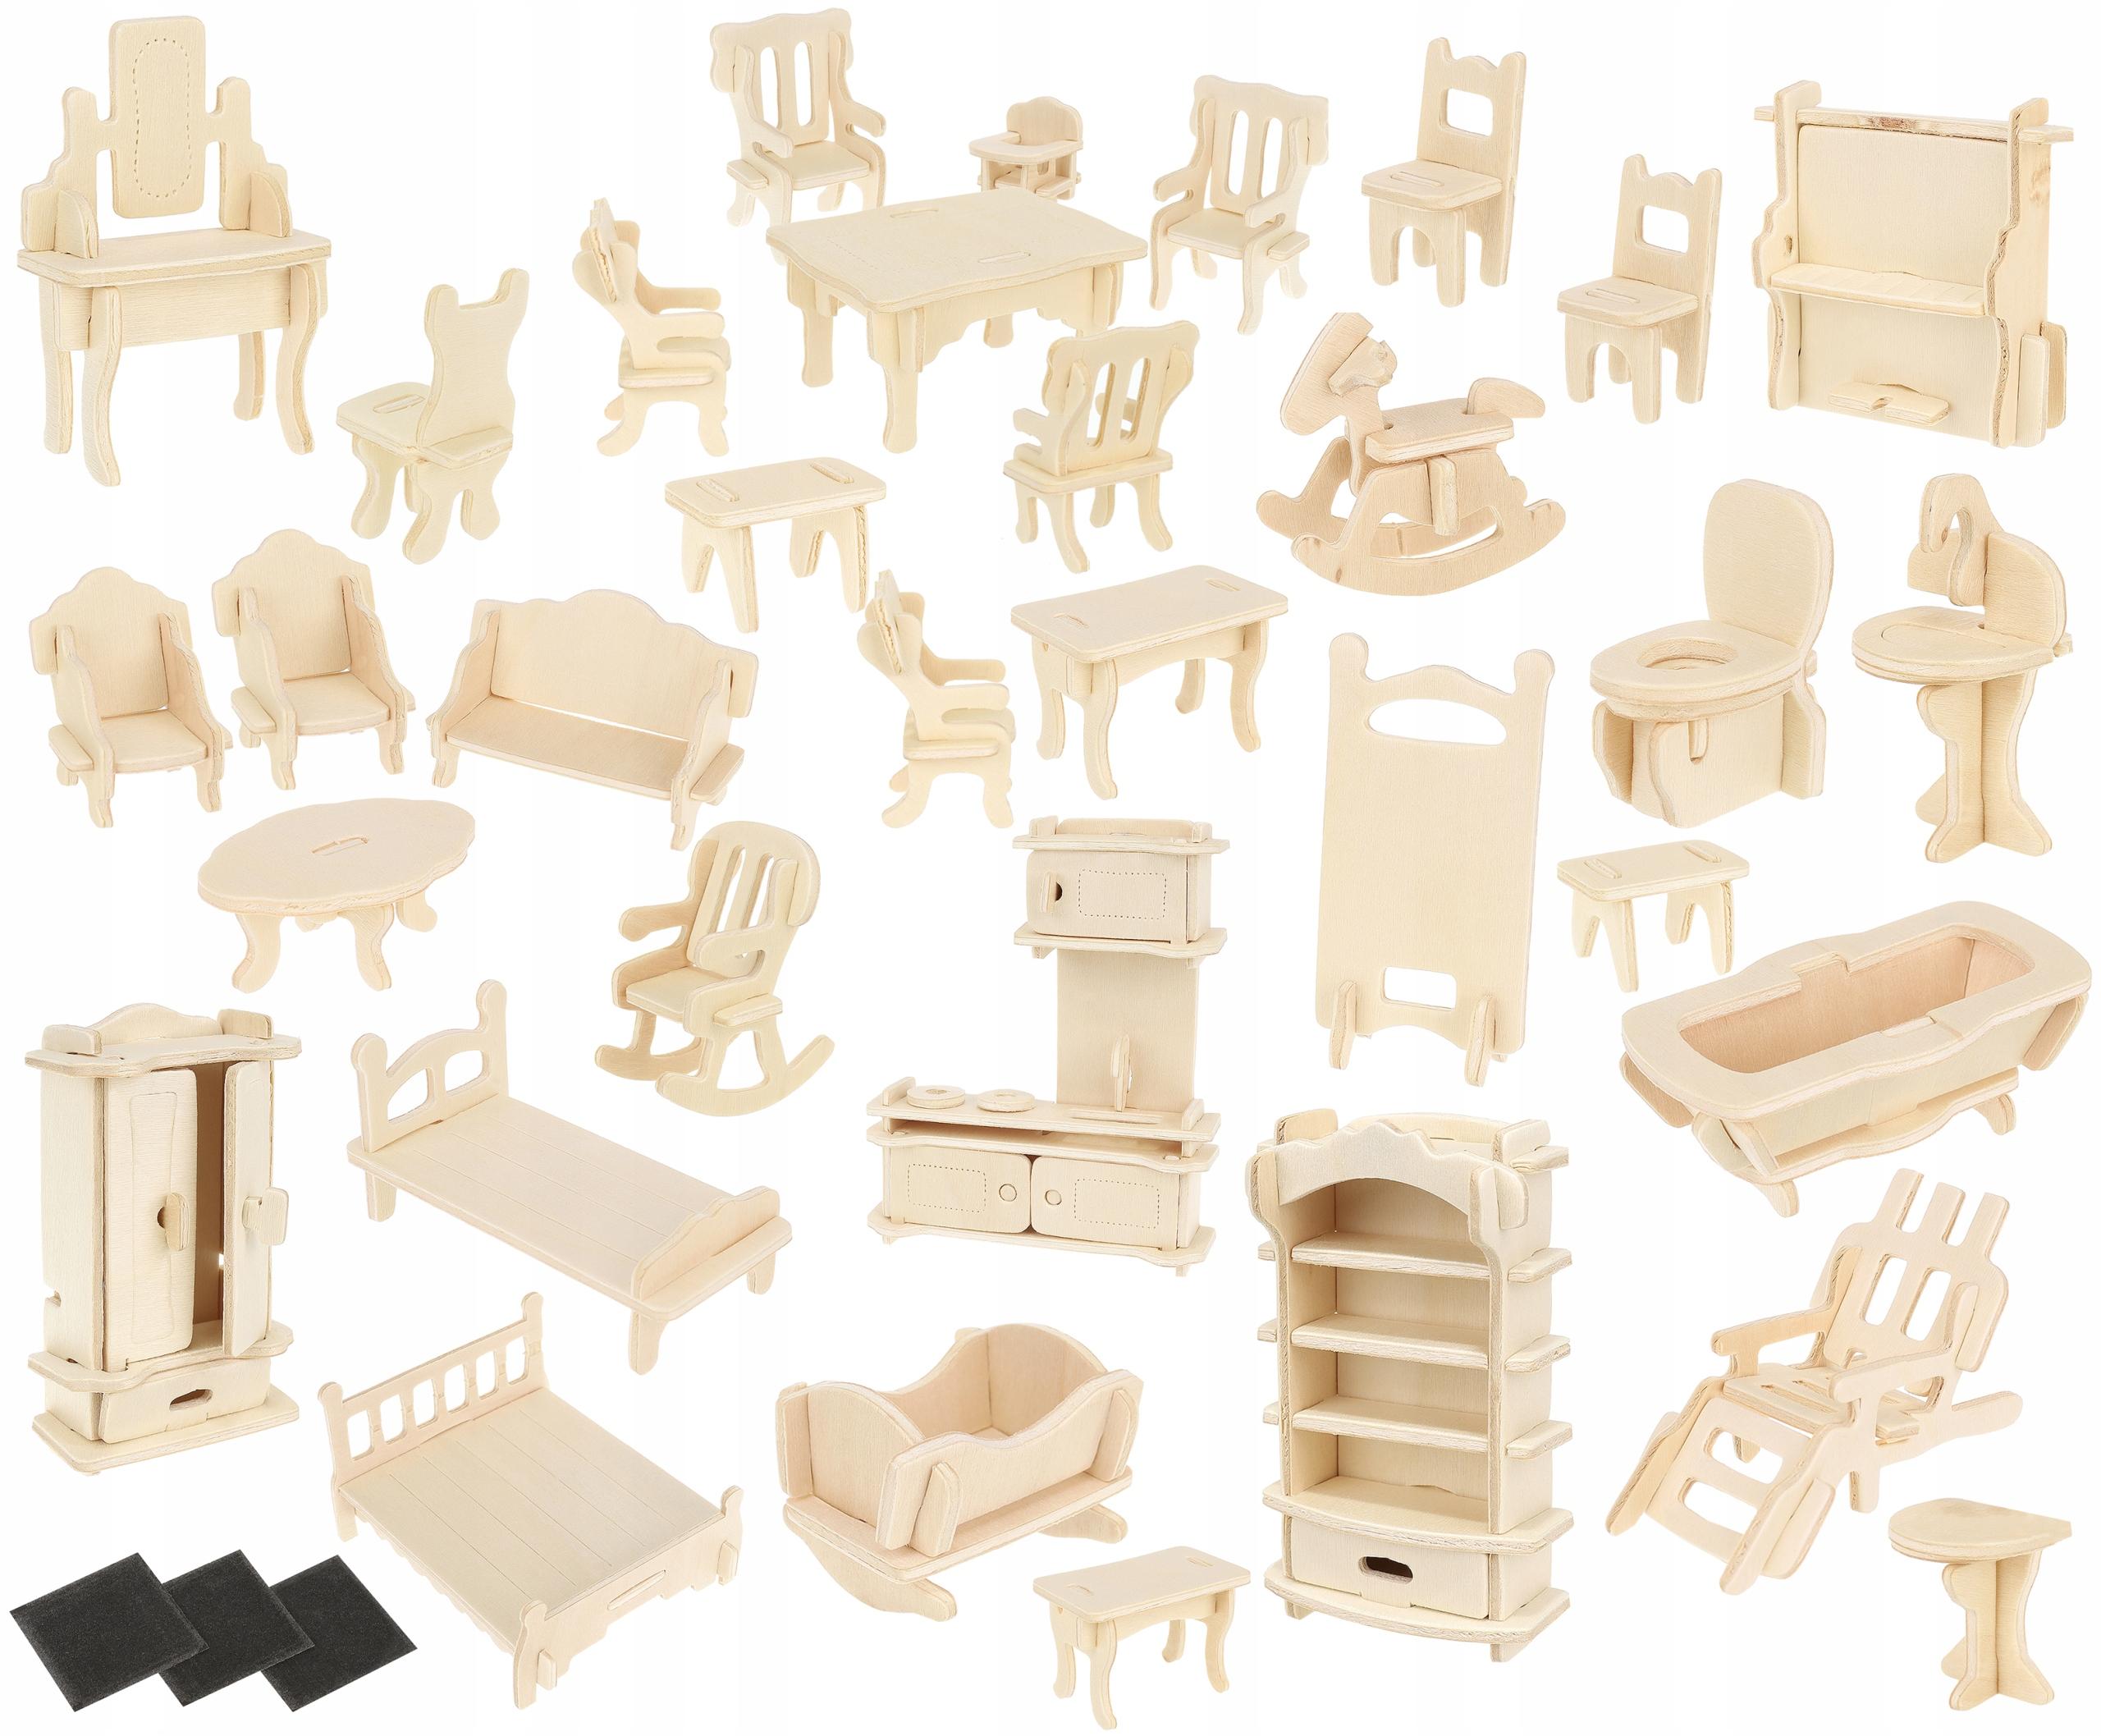 Zestaw mebelków drewnianych dla lalek 34 szt. mebelki do złożenia